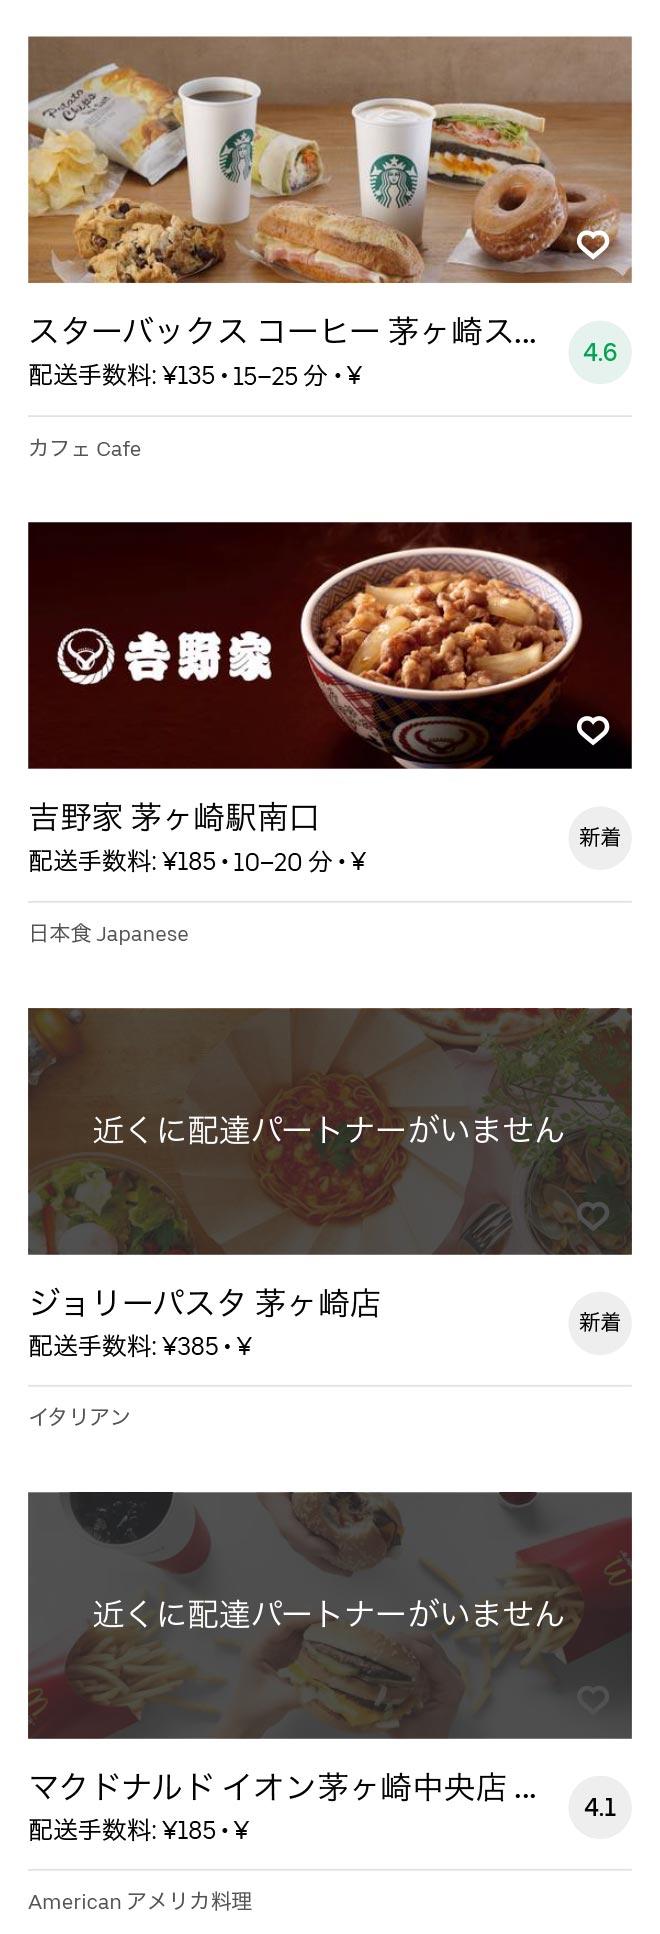 Chigasaki menu 2008 05